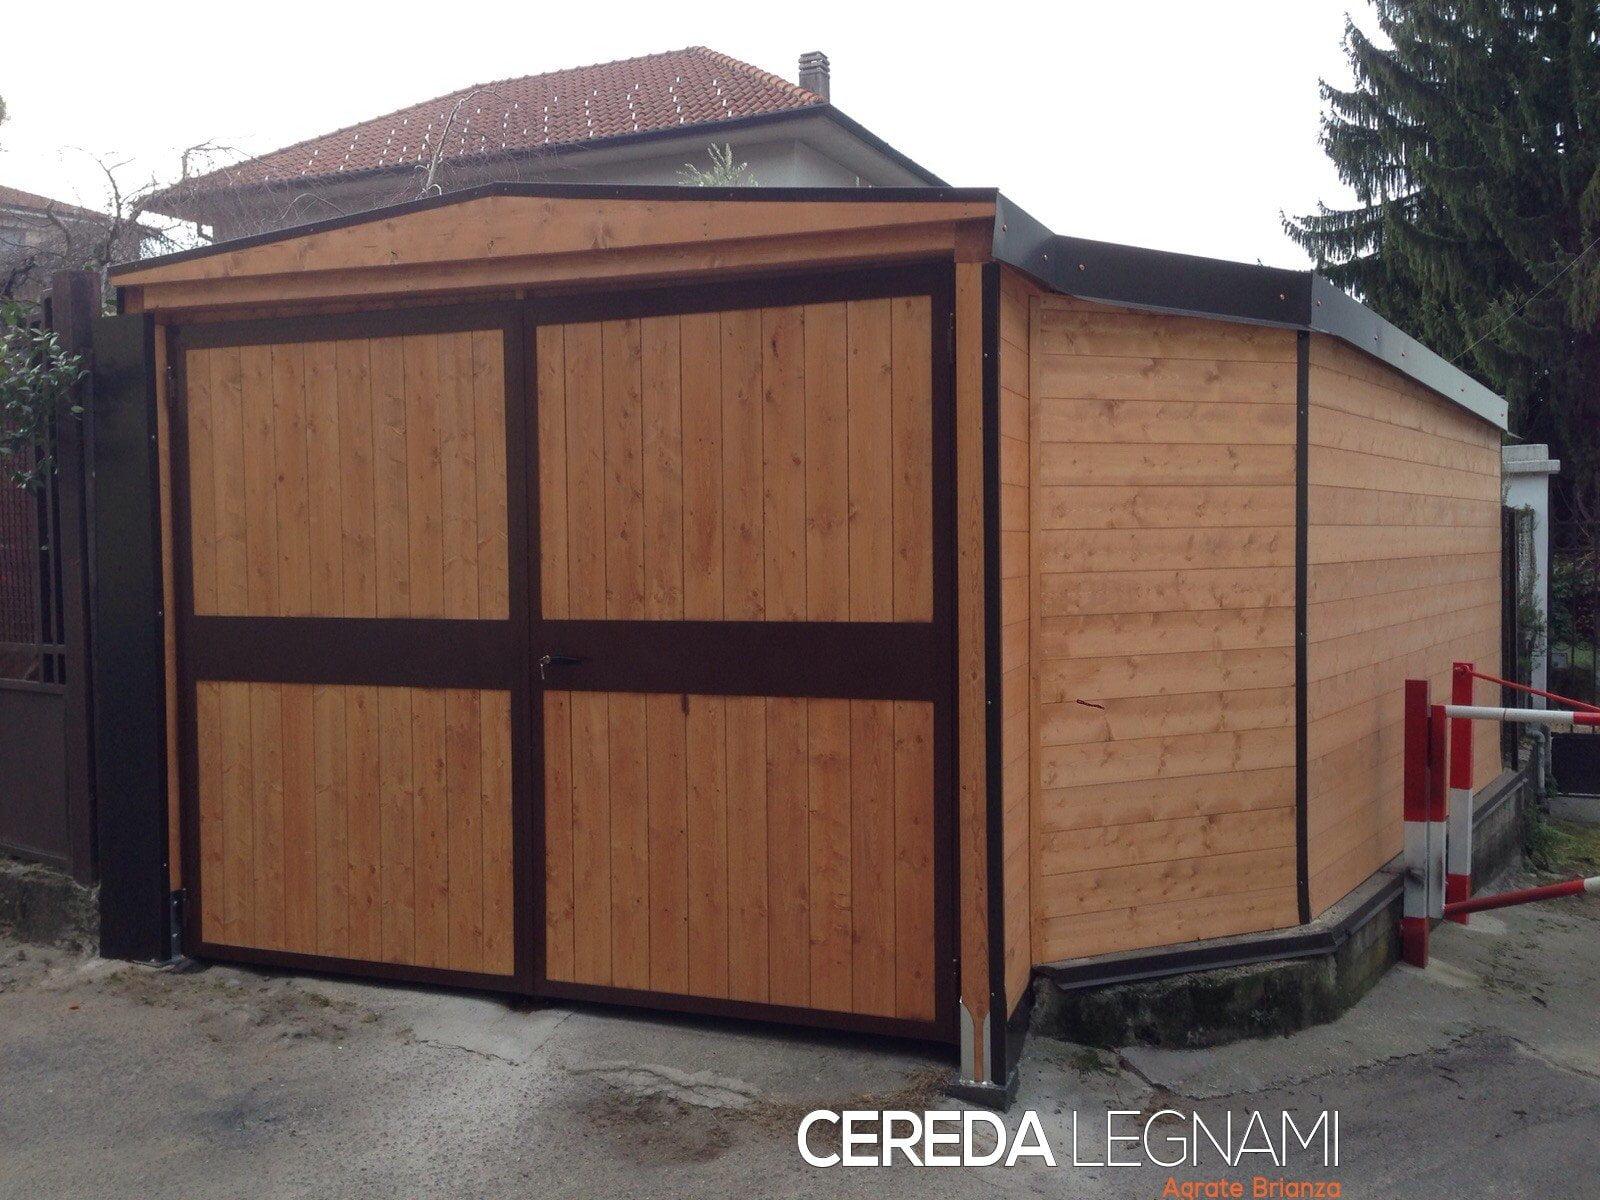 Solaio In Legno Lamellare Autoportante carport legno lamellare - cereda legnami agrate brianza